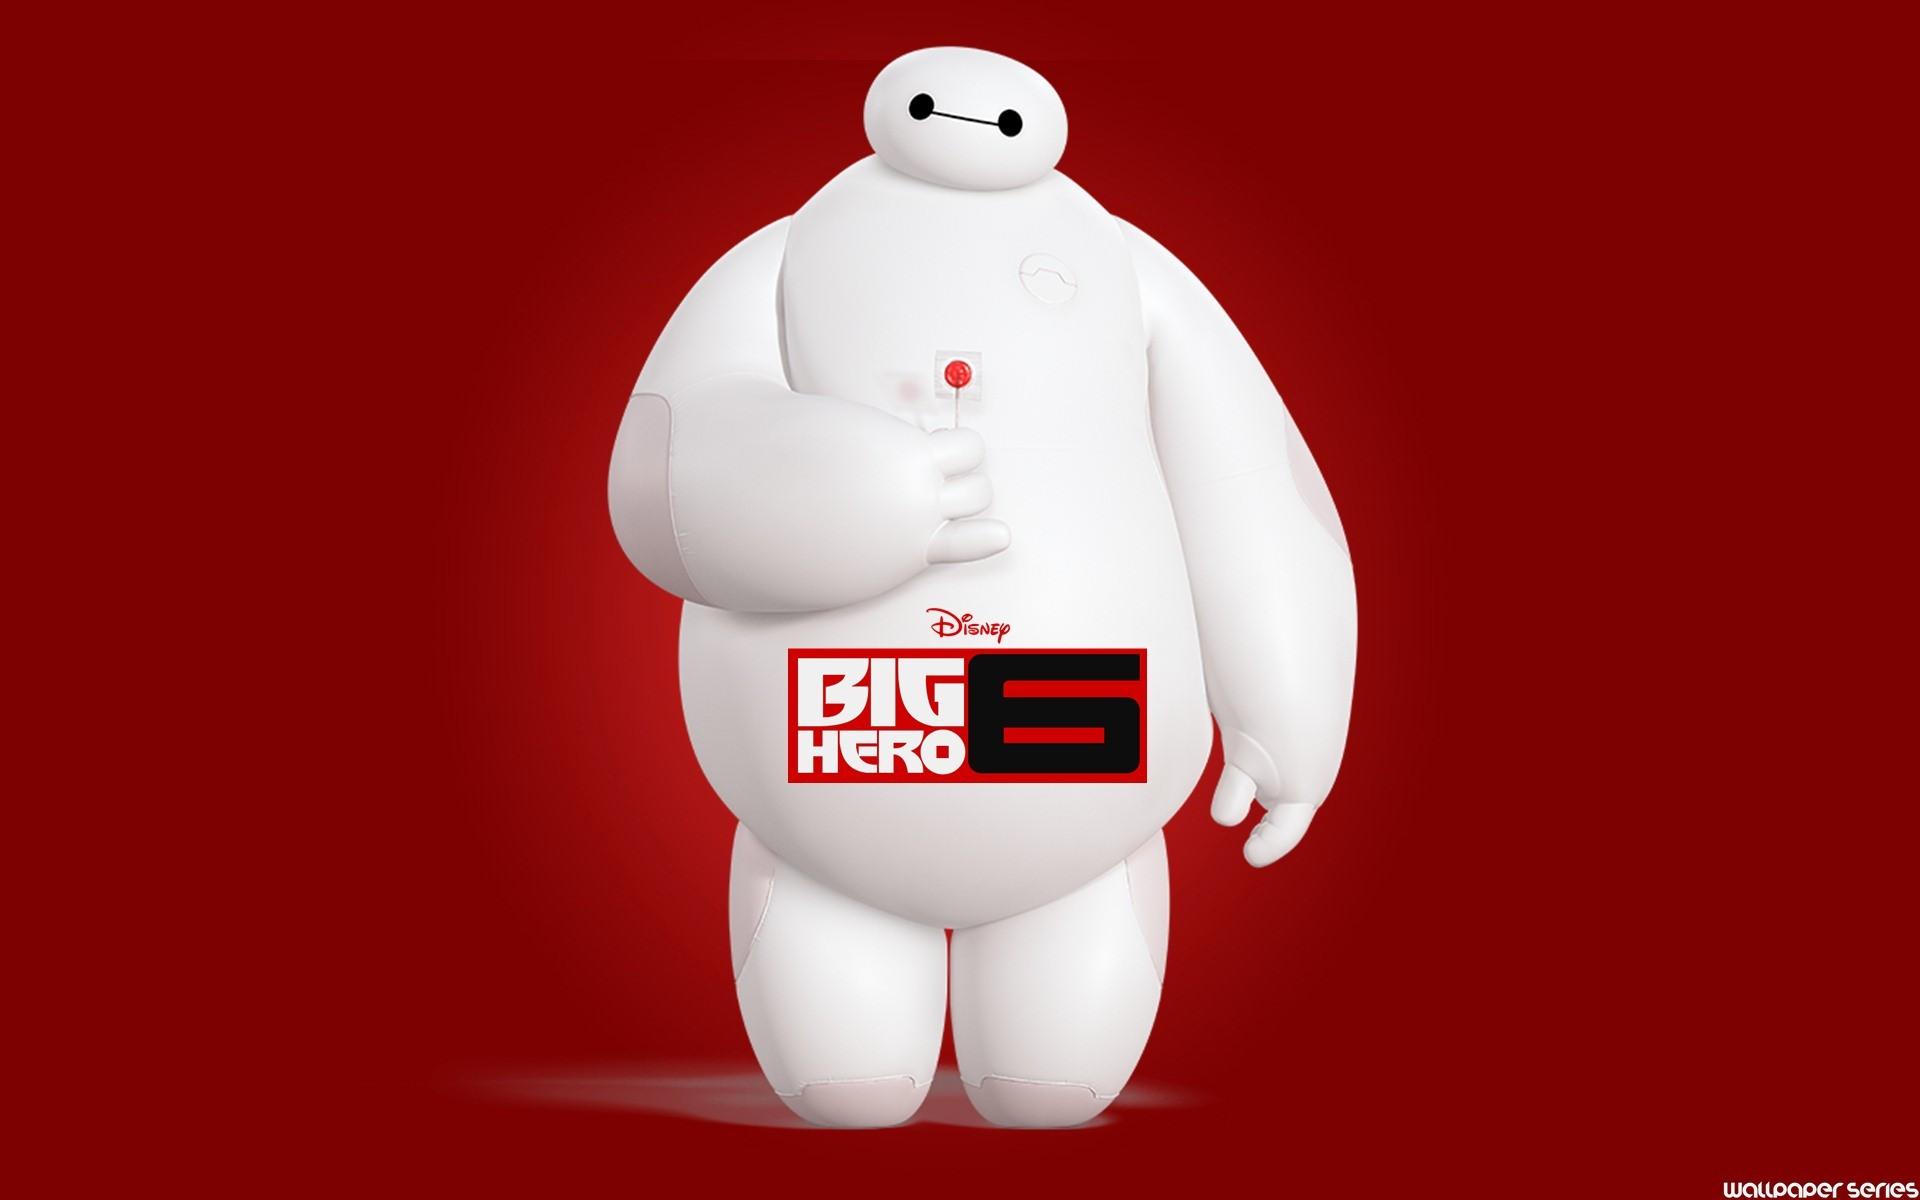 Big Hero 6 Wallpaper - Big Hero 6 Wallpaper (37670026 ...